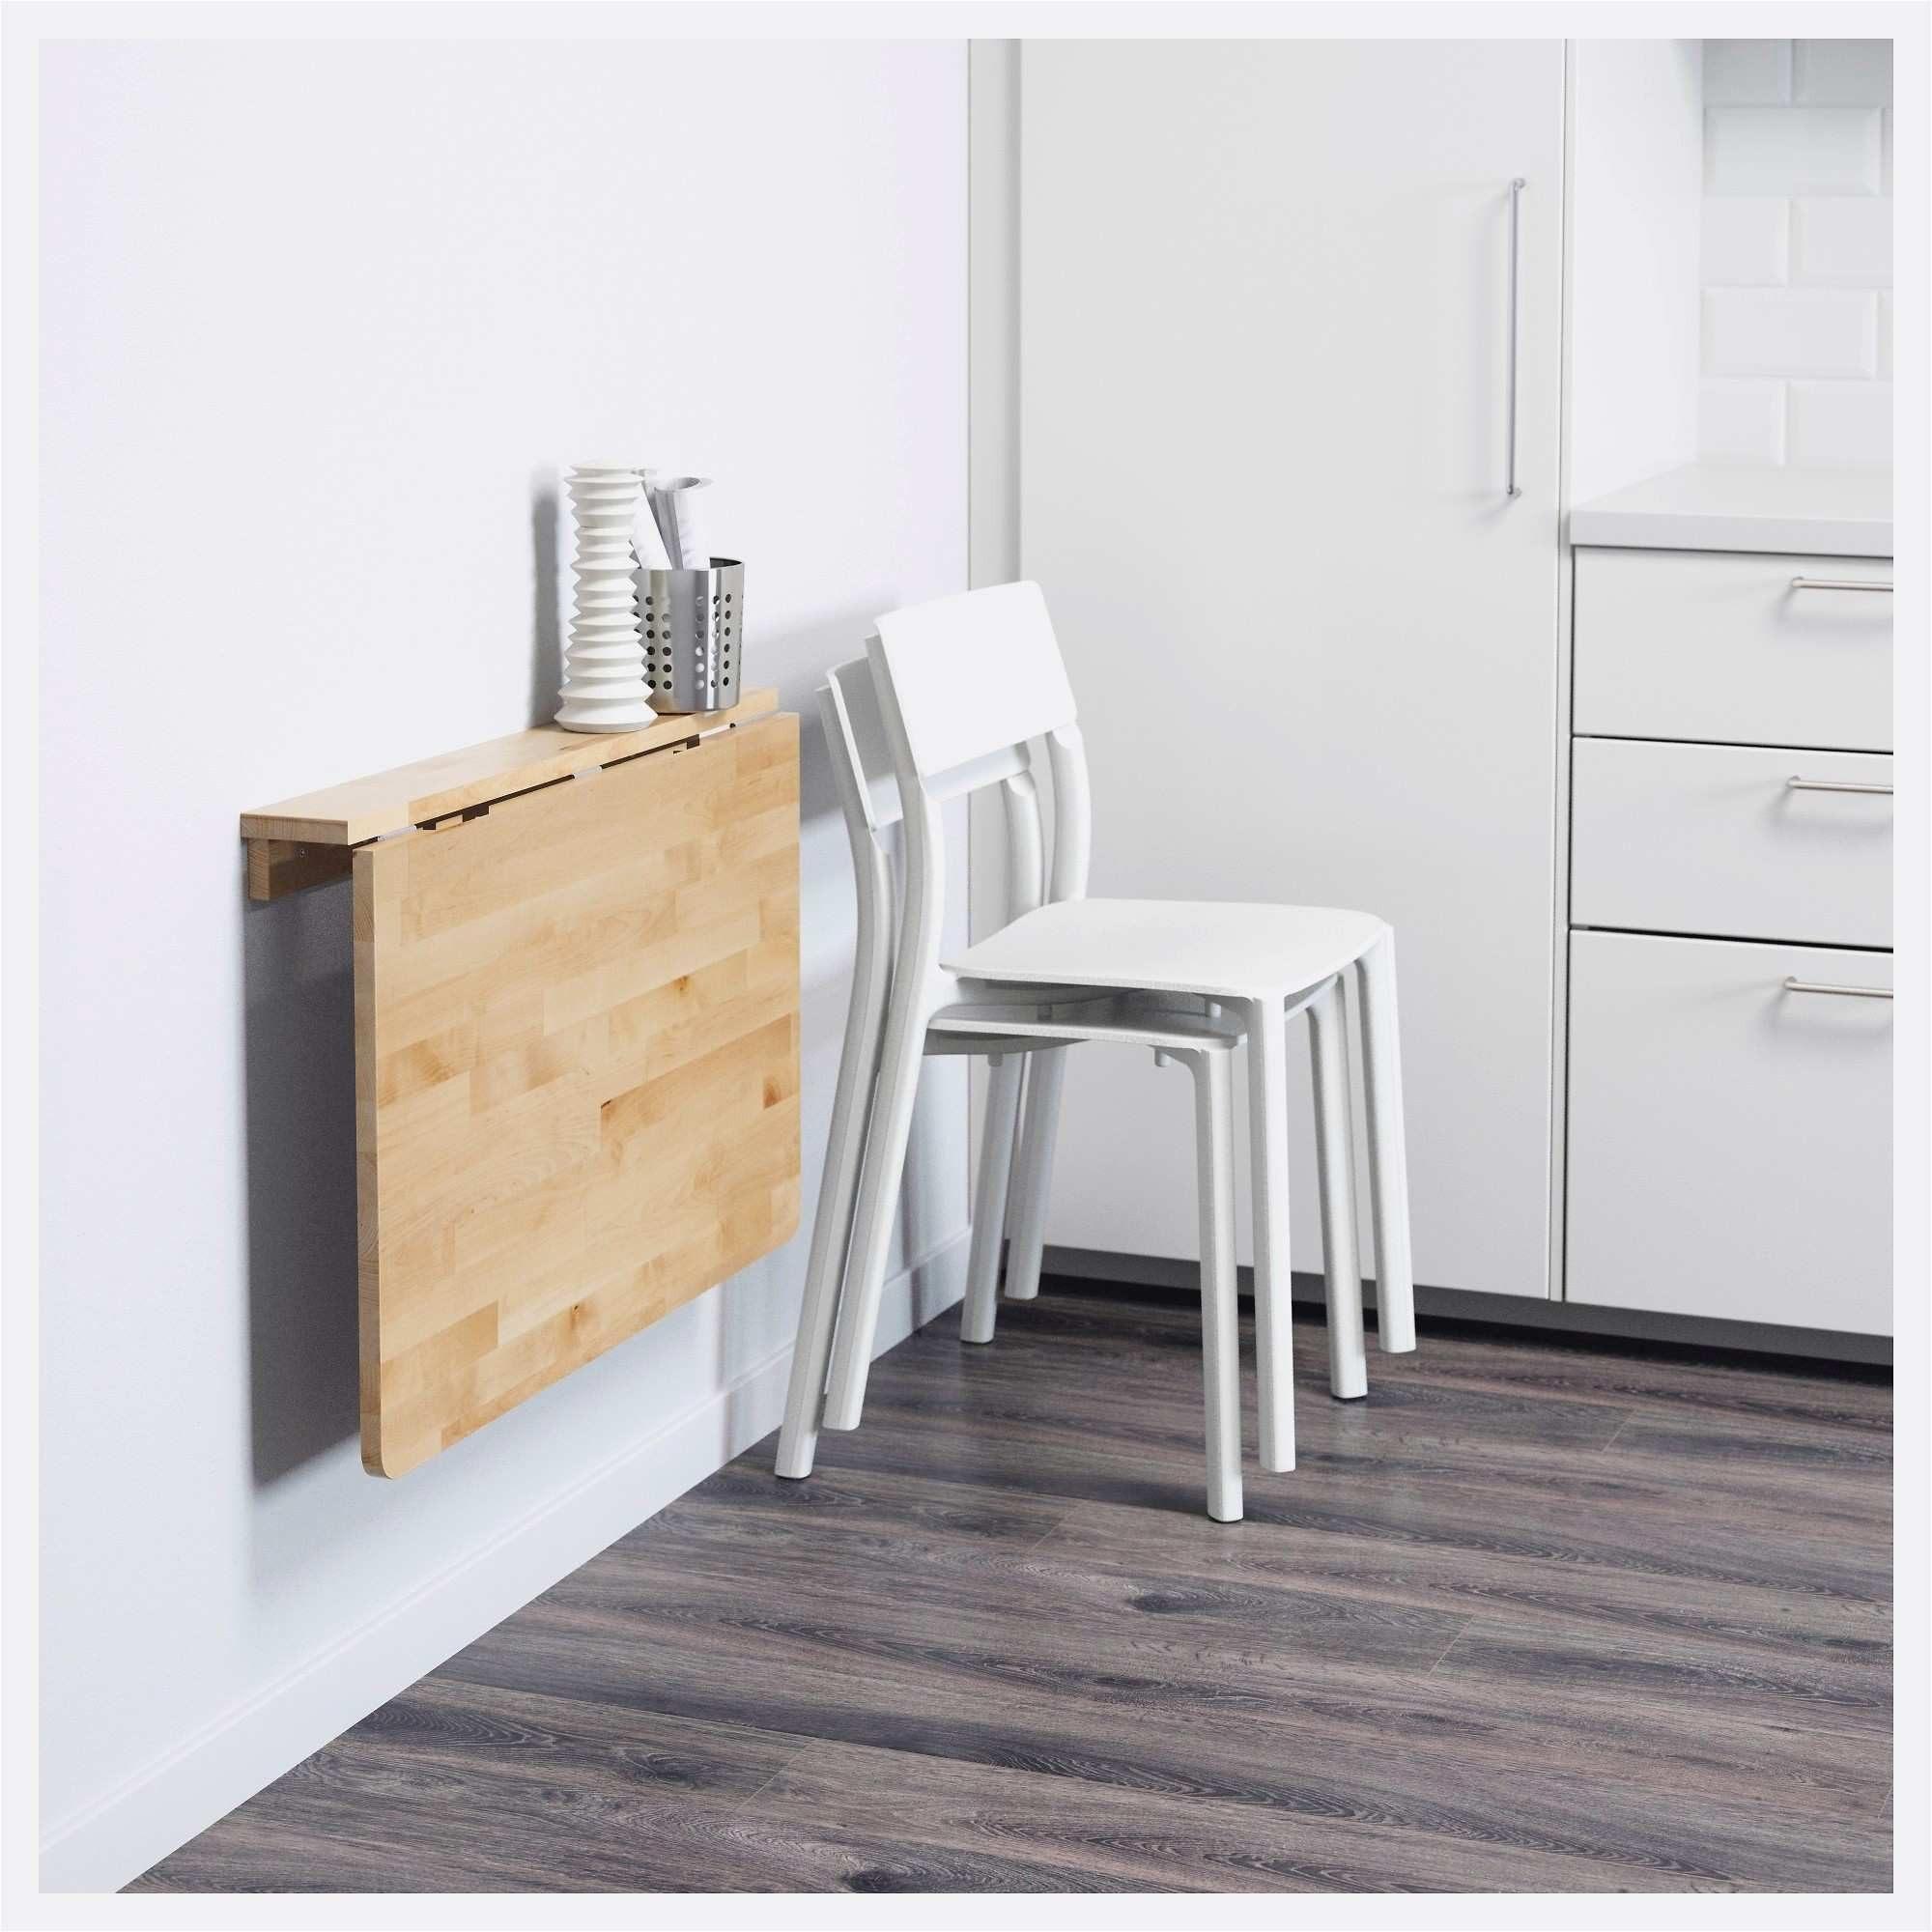 Armoire Lit Escamotable Ikea Élégant élégant Armoire Lit Escamotable Ikea